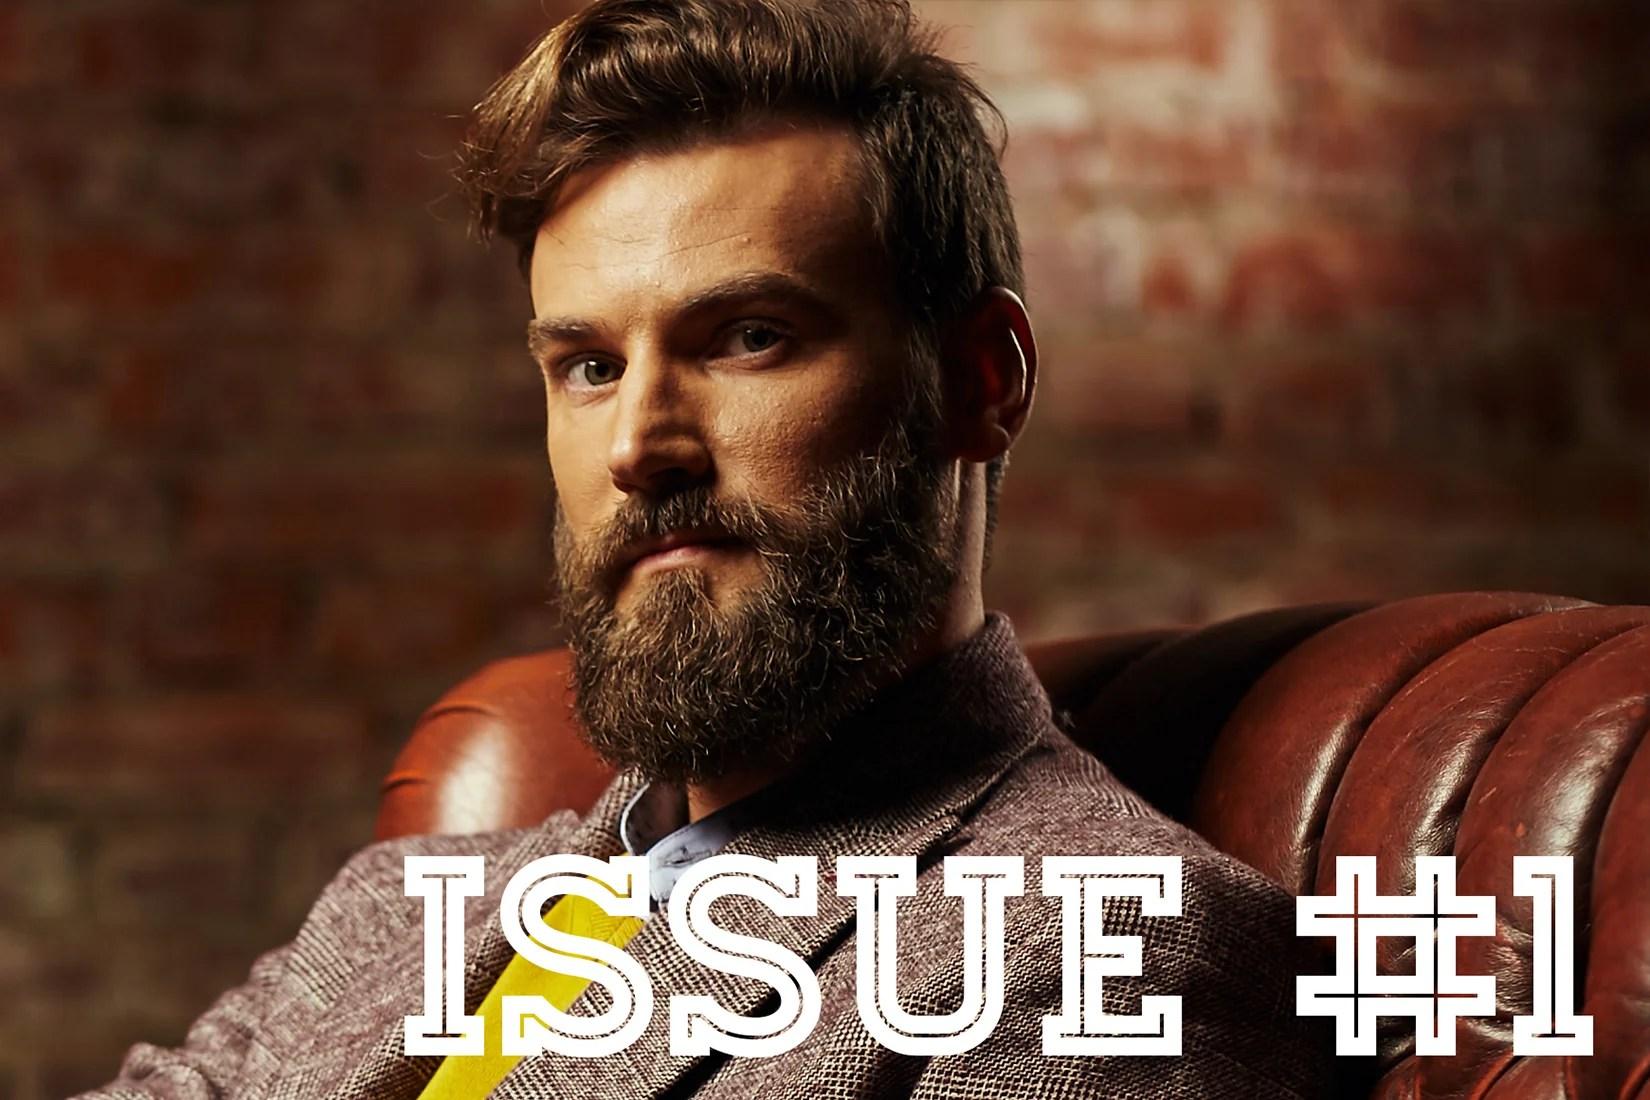 Bristlr Newsletter – Issue #1